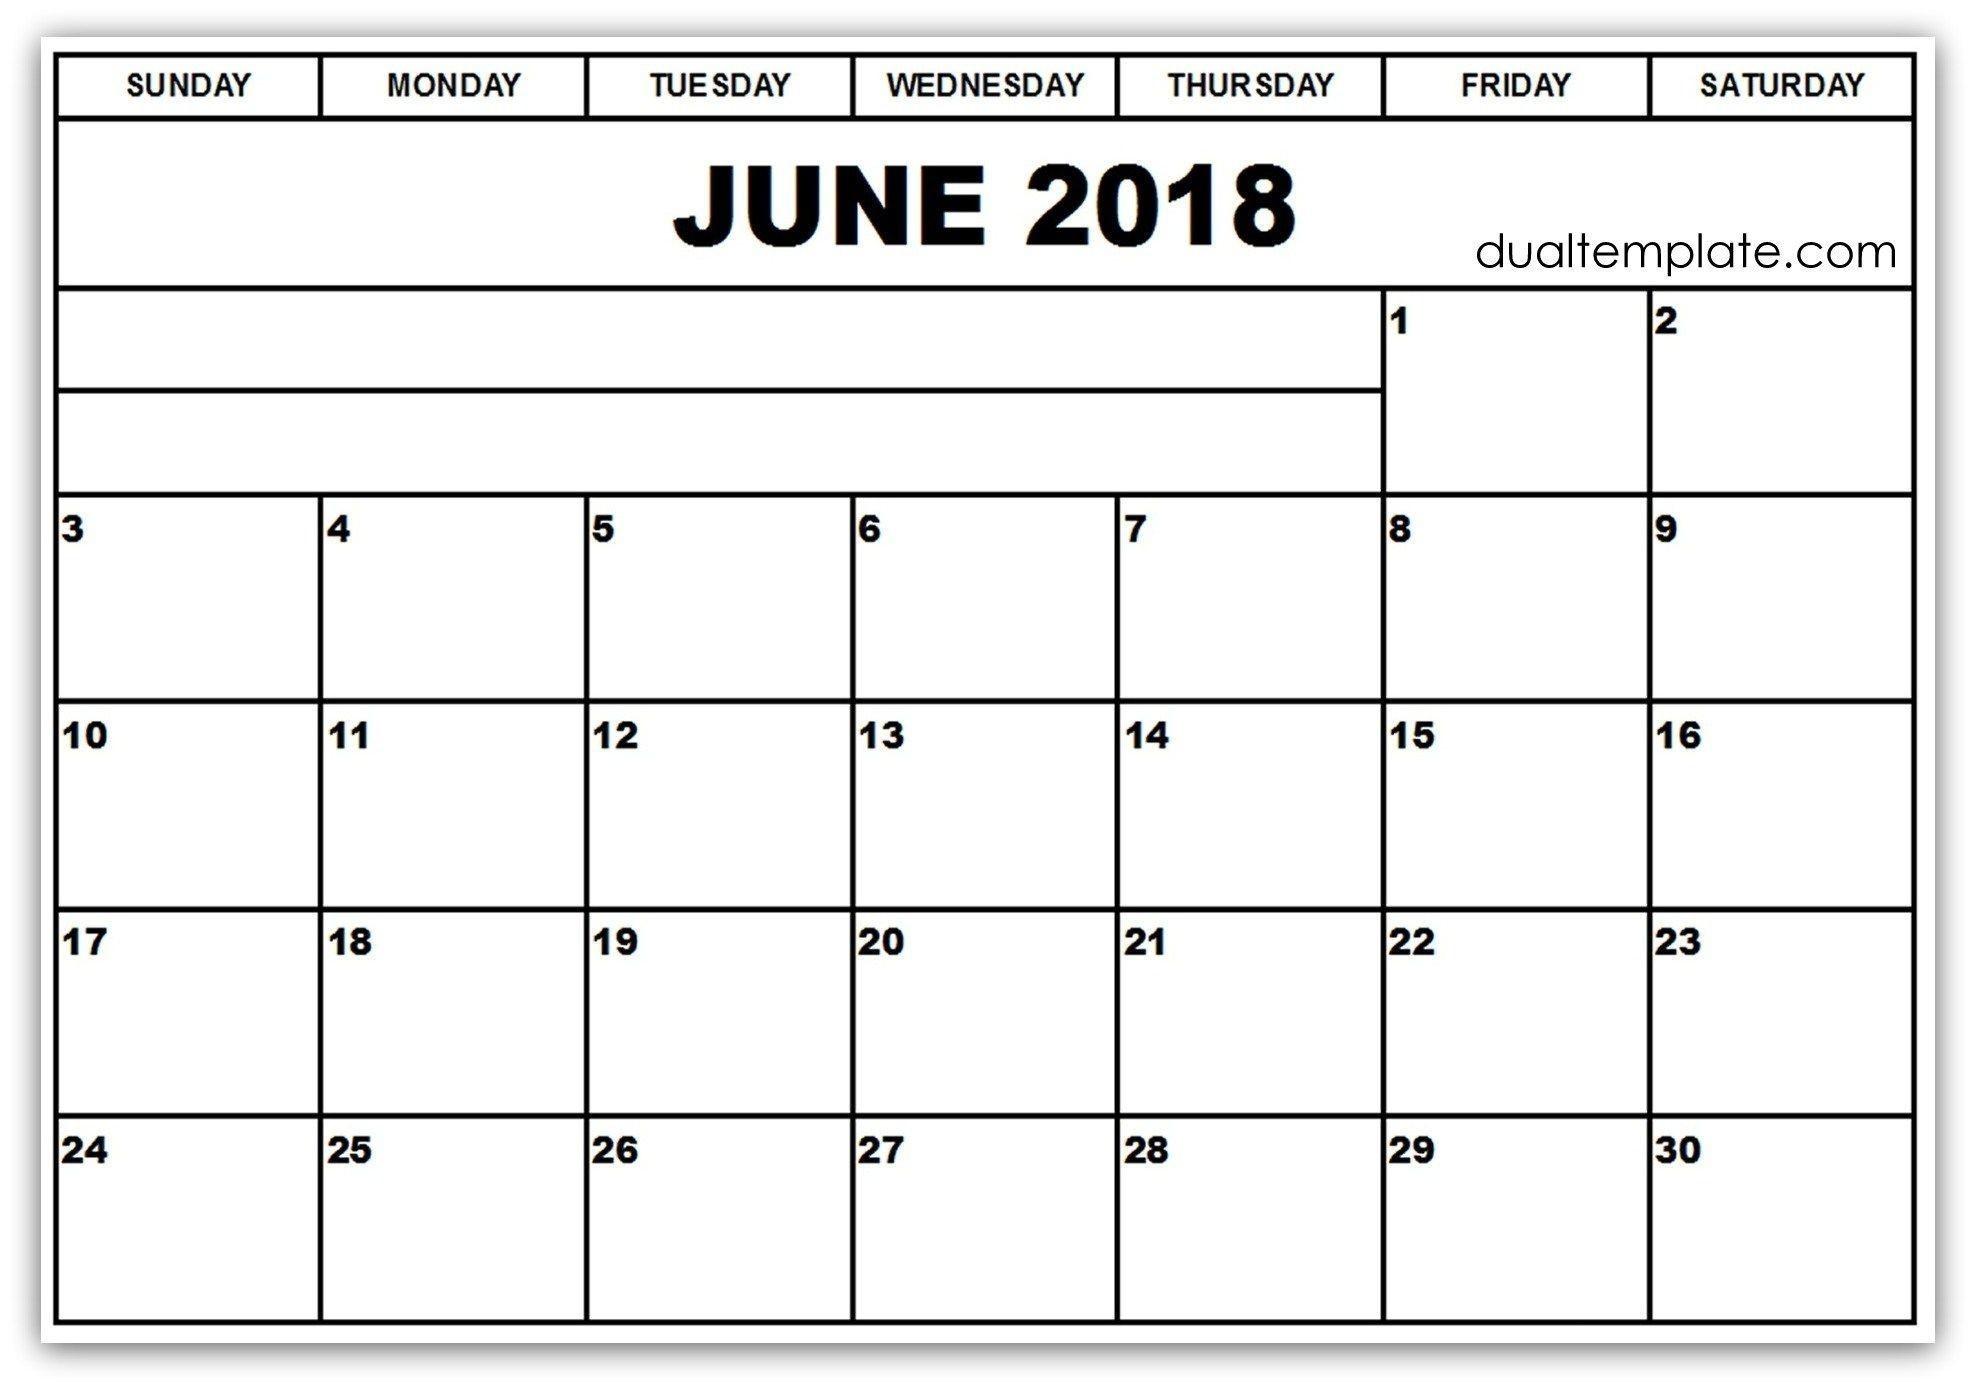 Julian Date Calendar 16 1976X1388 - Bi-Brucker-Holz.de  Military Julian Date Calendar 2020